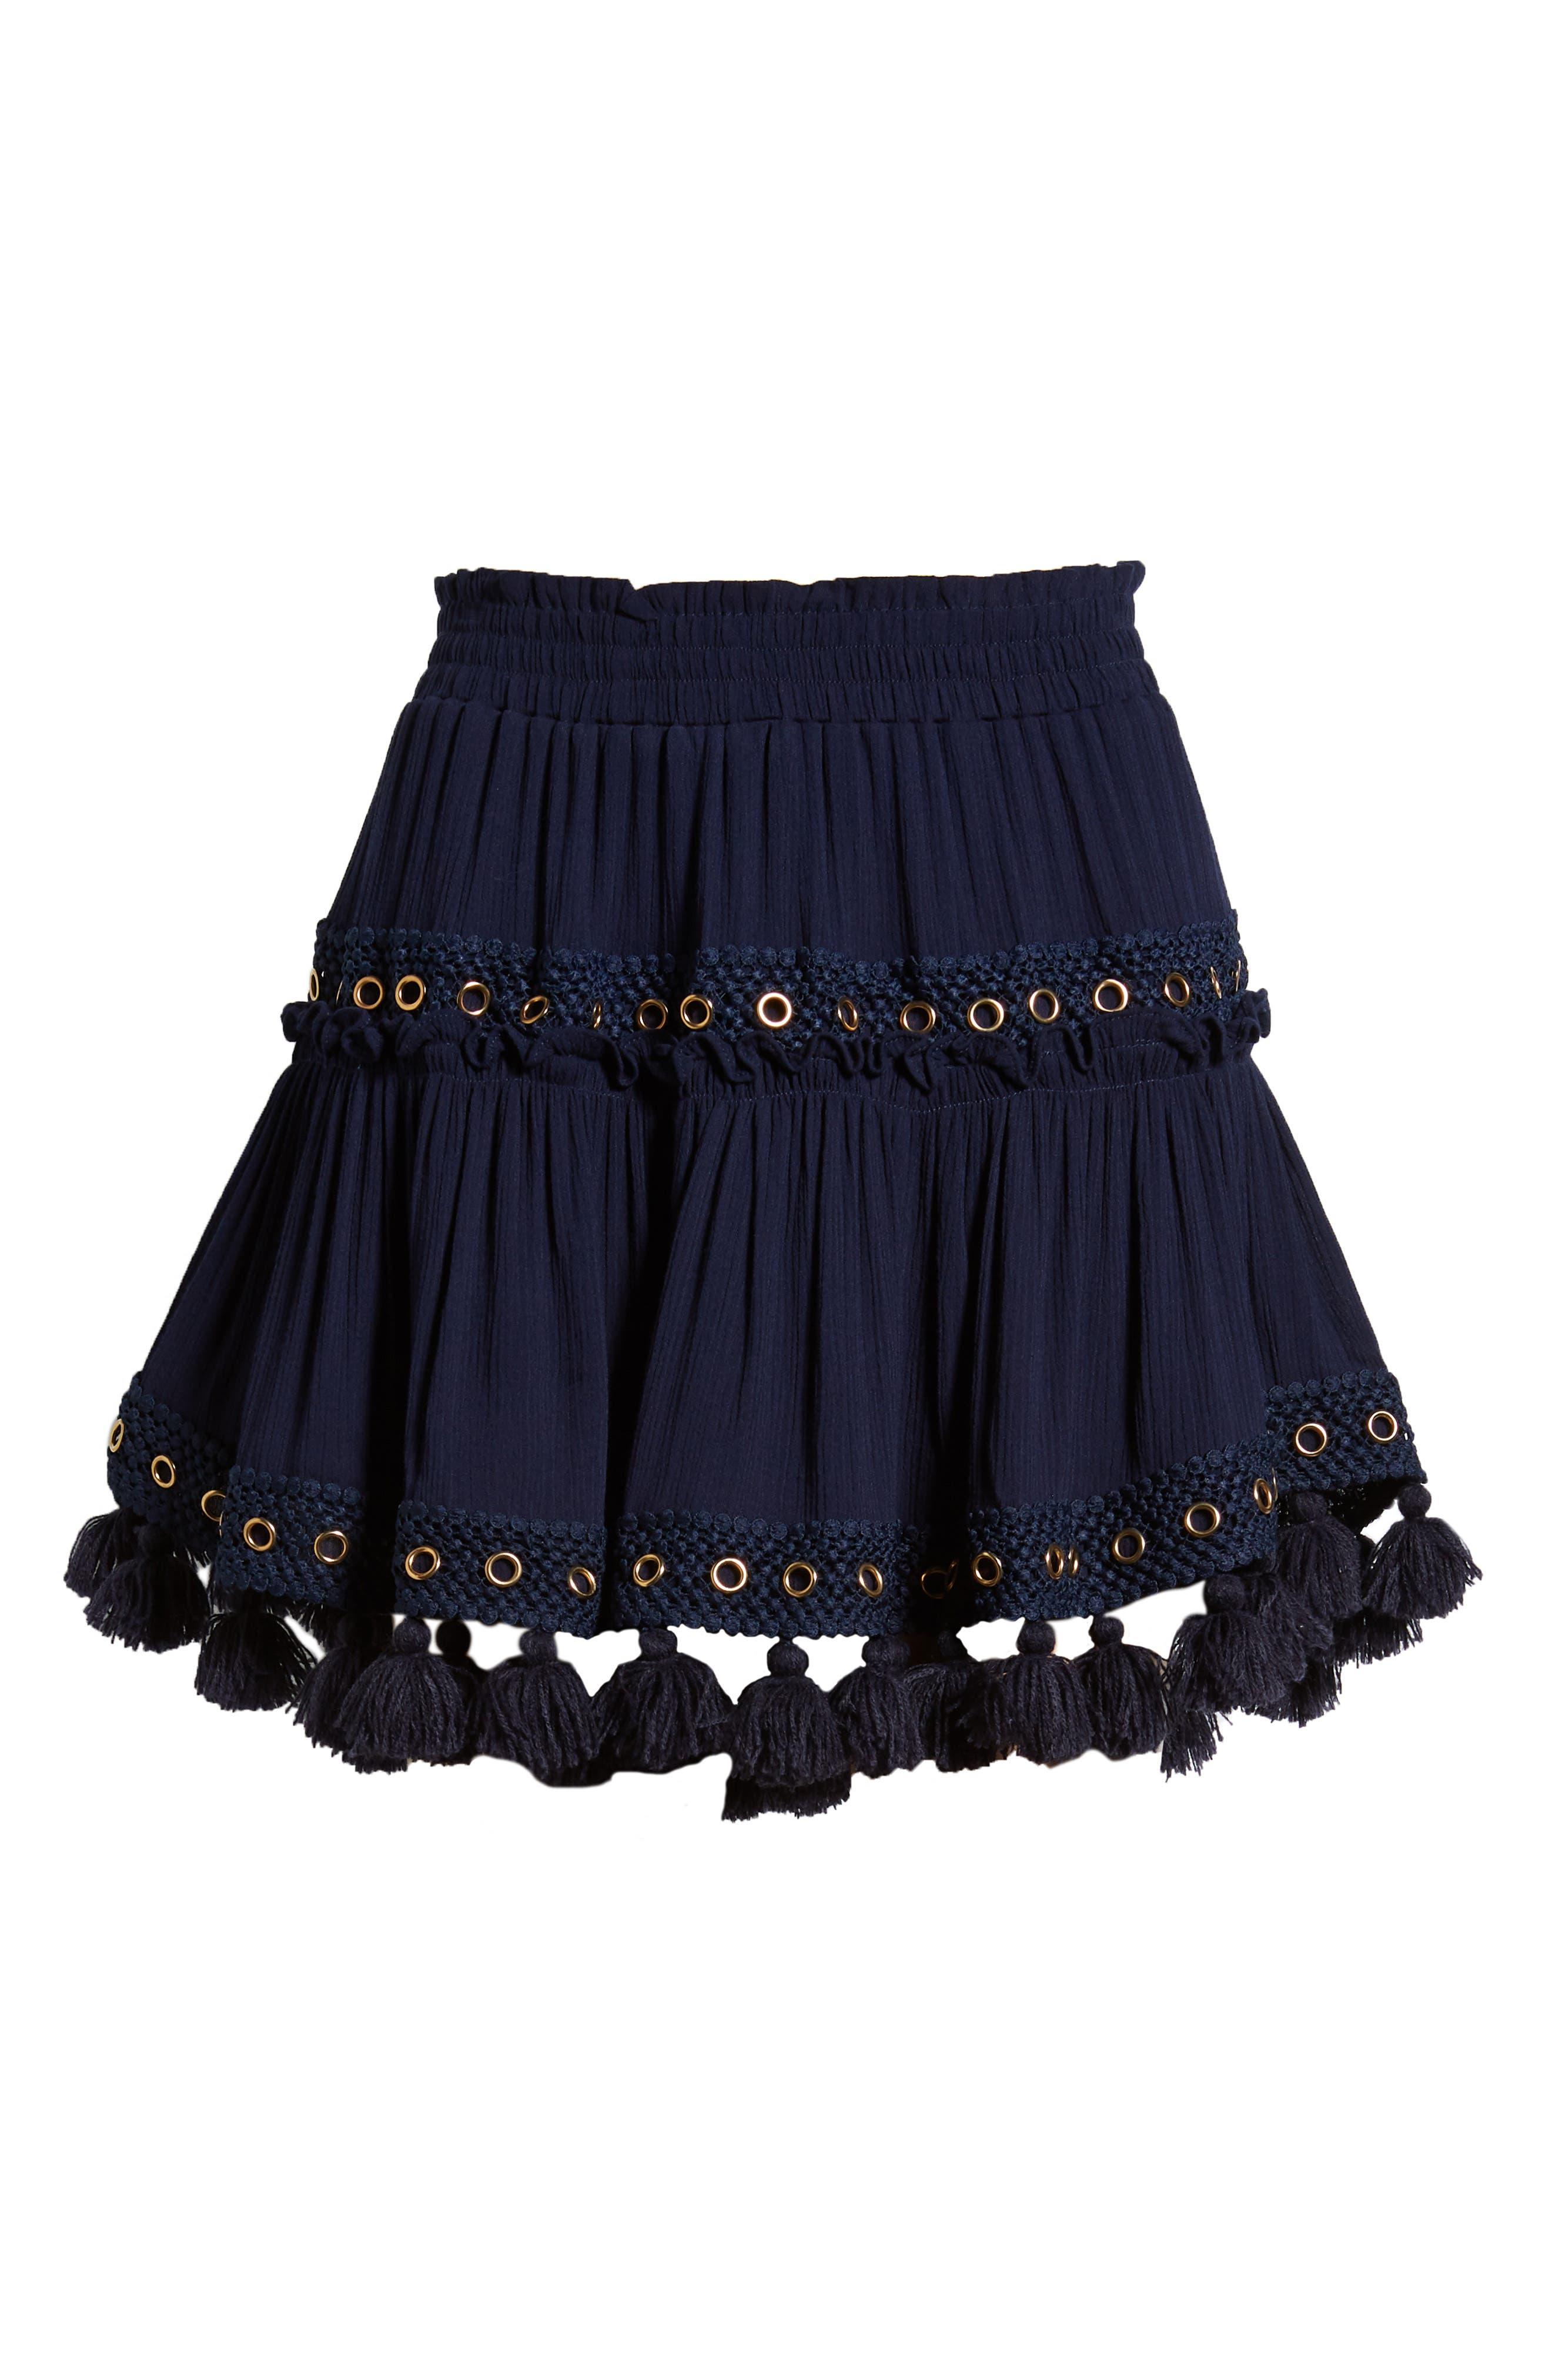 Marcella Fringe Trim Skirt,                             Alternate thumbnail 6, color,                             432